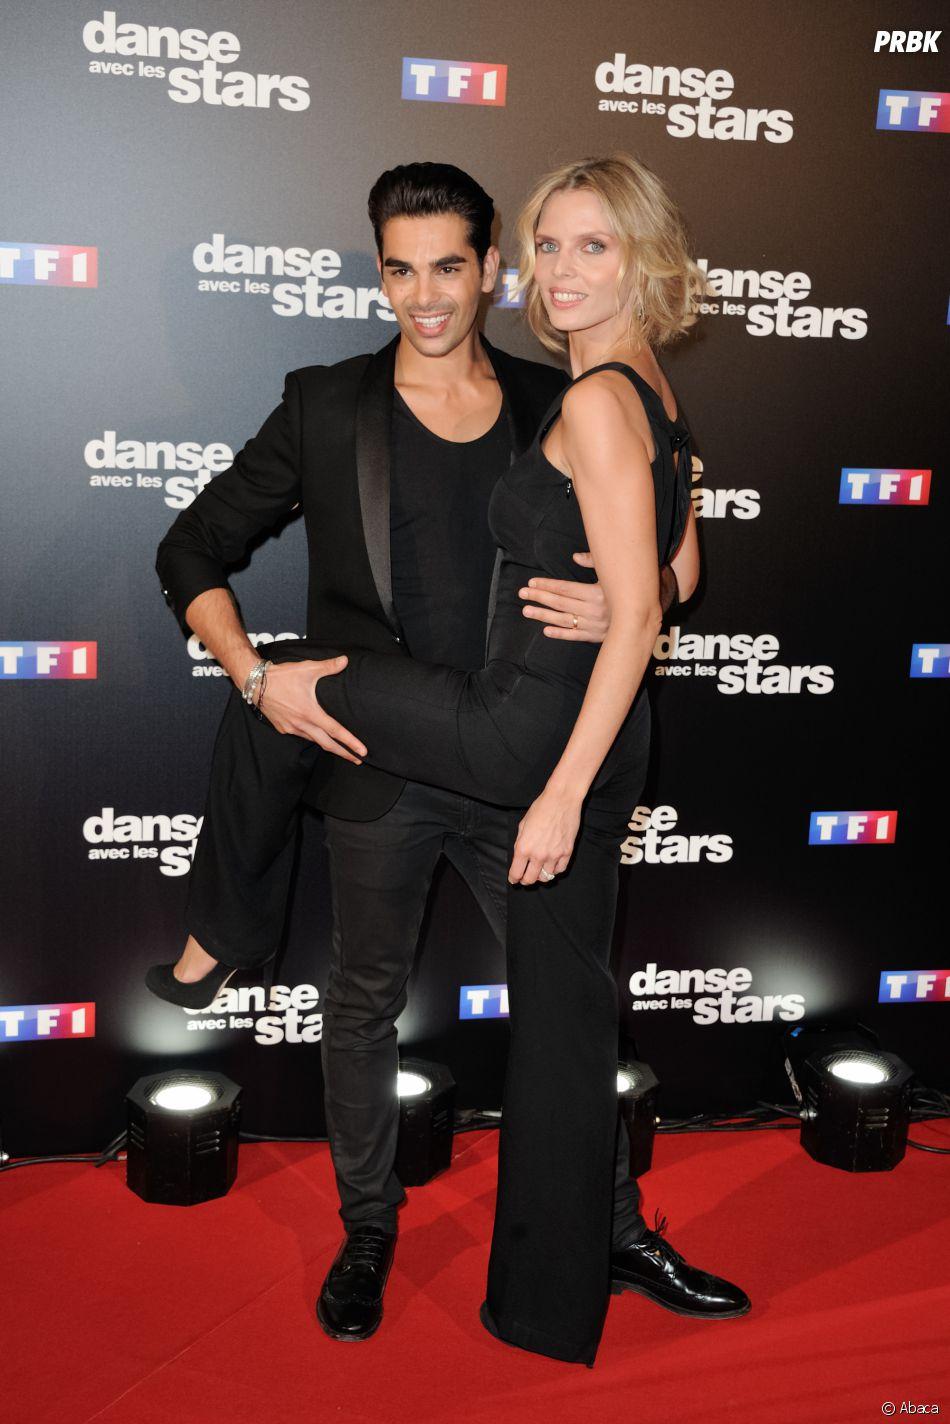 Sylvie Tellier dansera avec Christophe Licata dans Danse avec les stars 7.